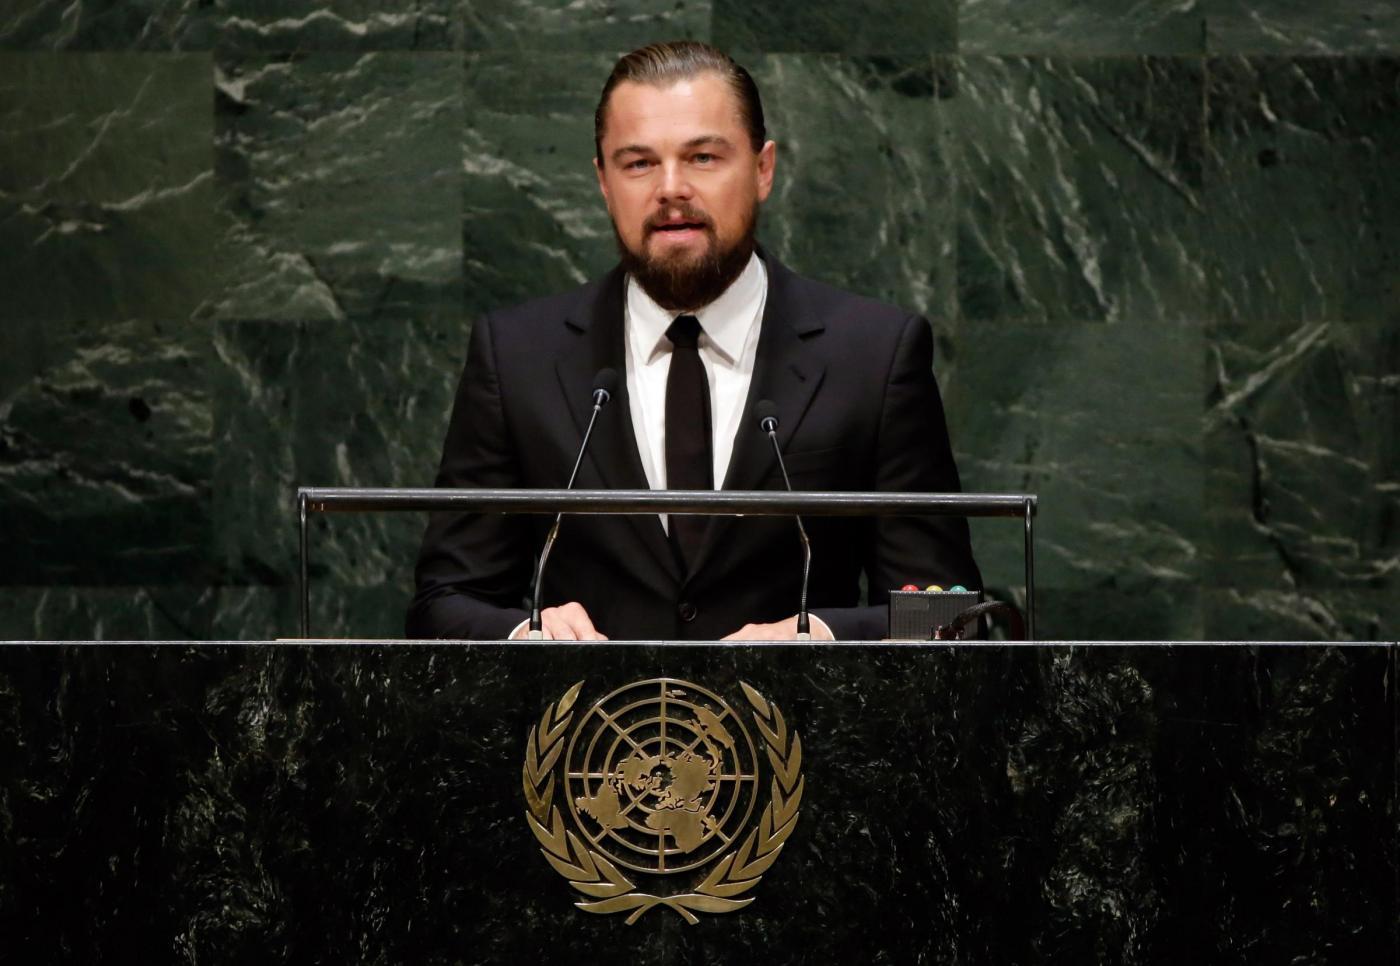 Leonardo DiCaprio all'ONU: l'attore messaggero di pace per il clima